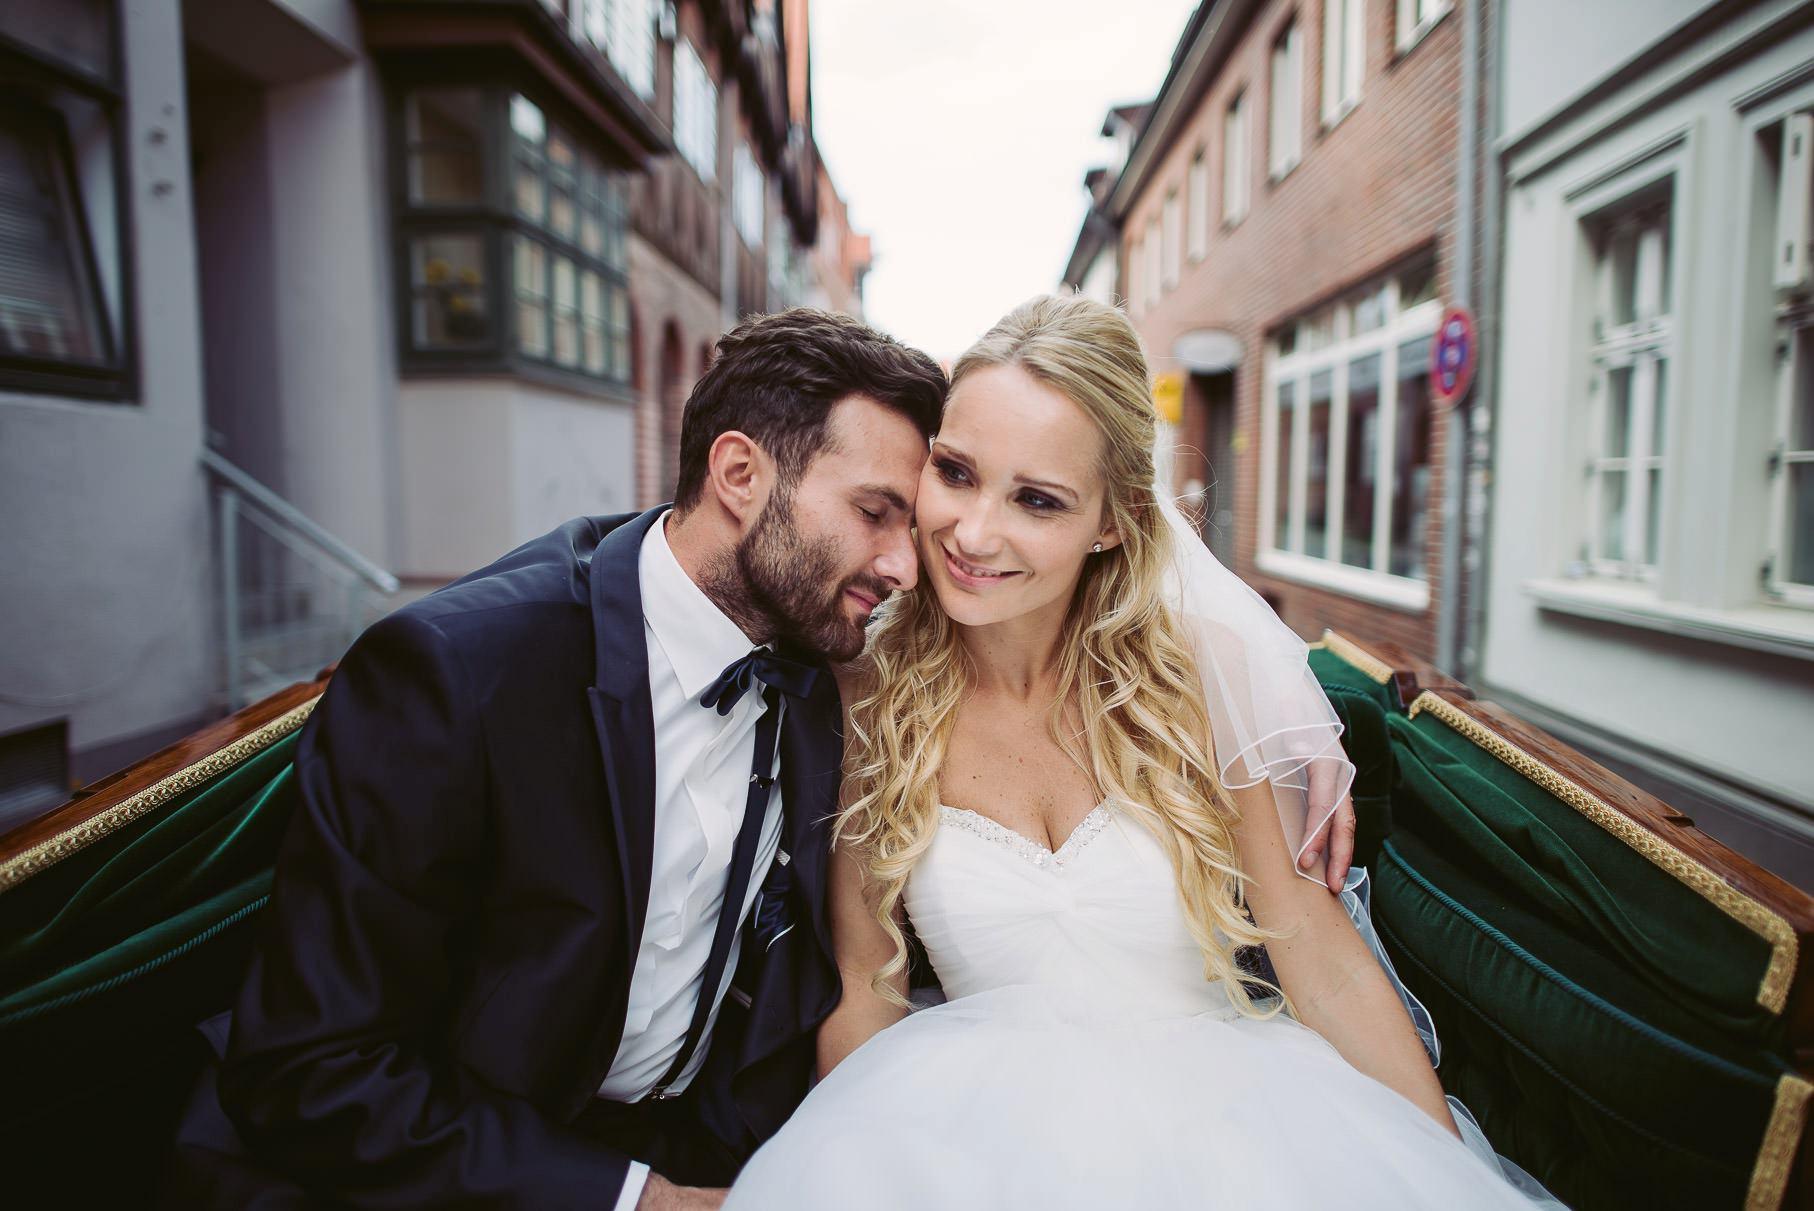 0053 jus 812 9624 - Hochzeit im Wasserturm Lüneburg - Jenny & Sascha